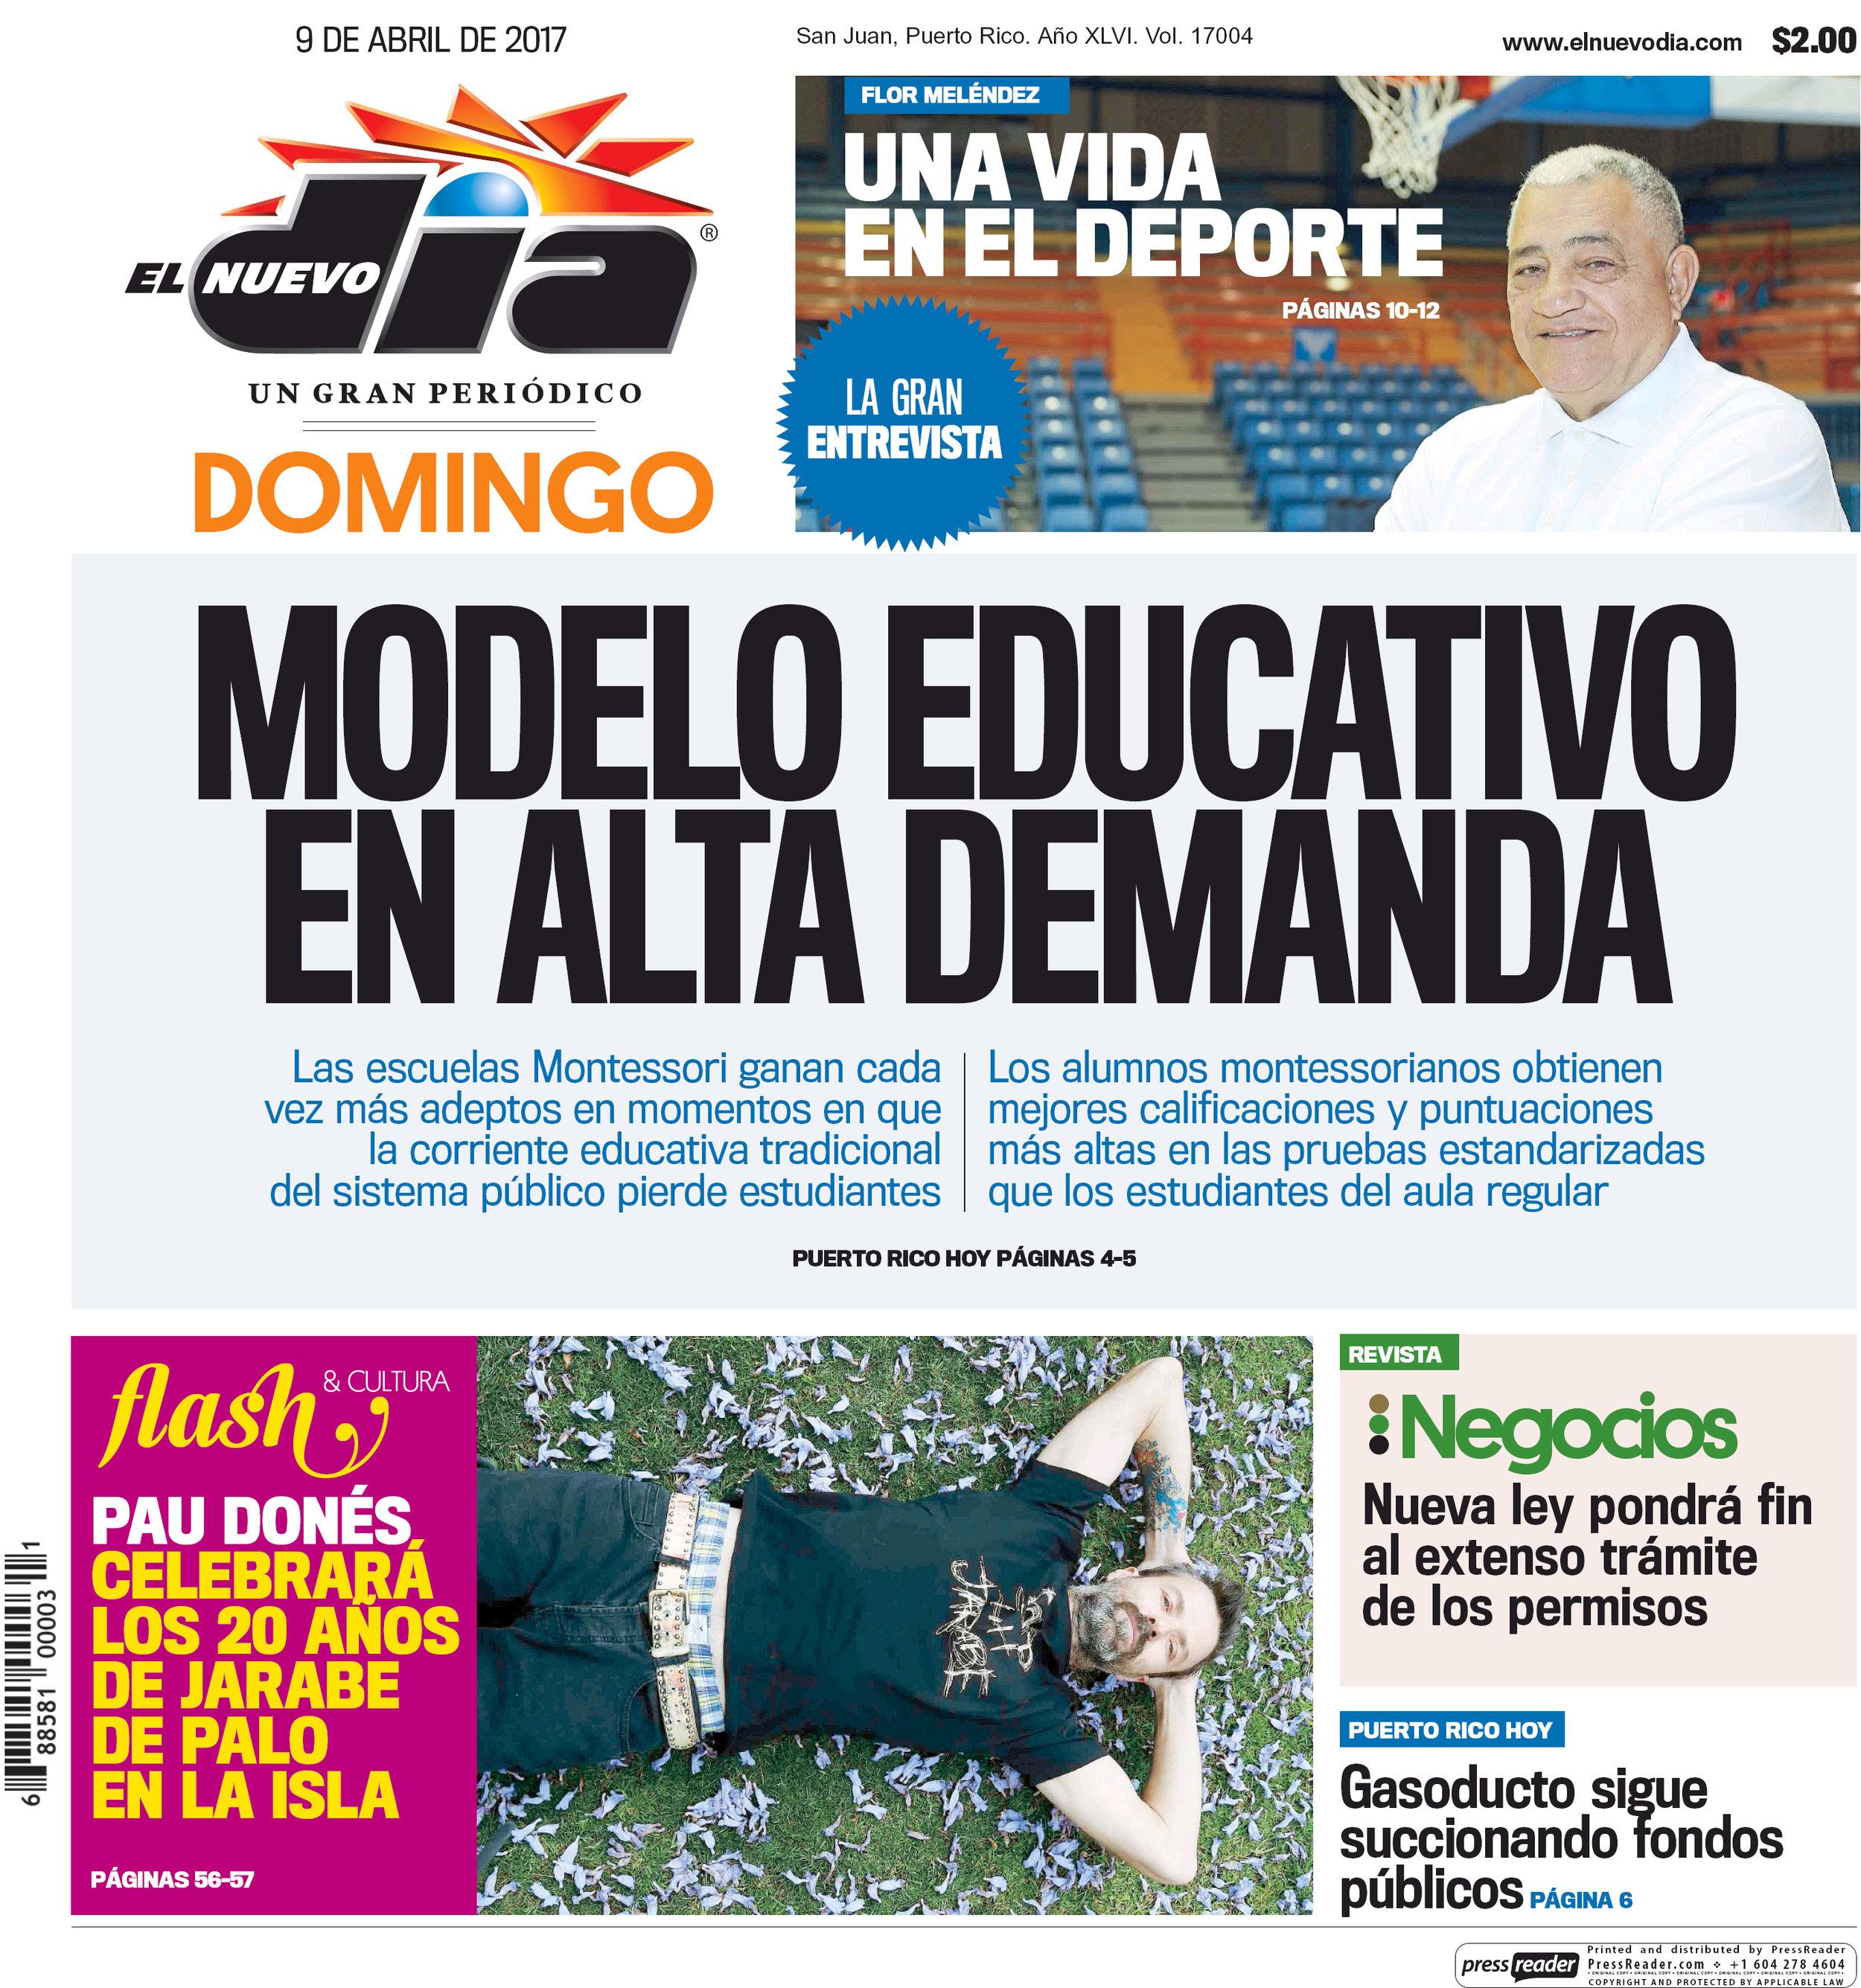 El Nuevo Día Newspaper 04.09.17